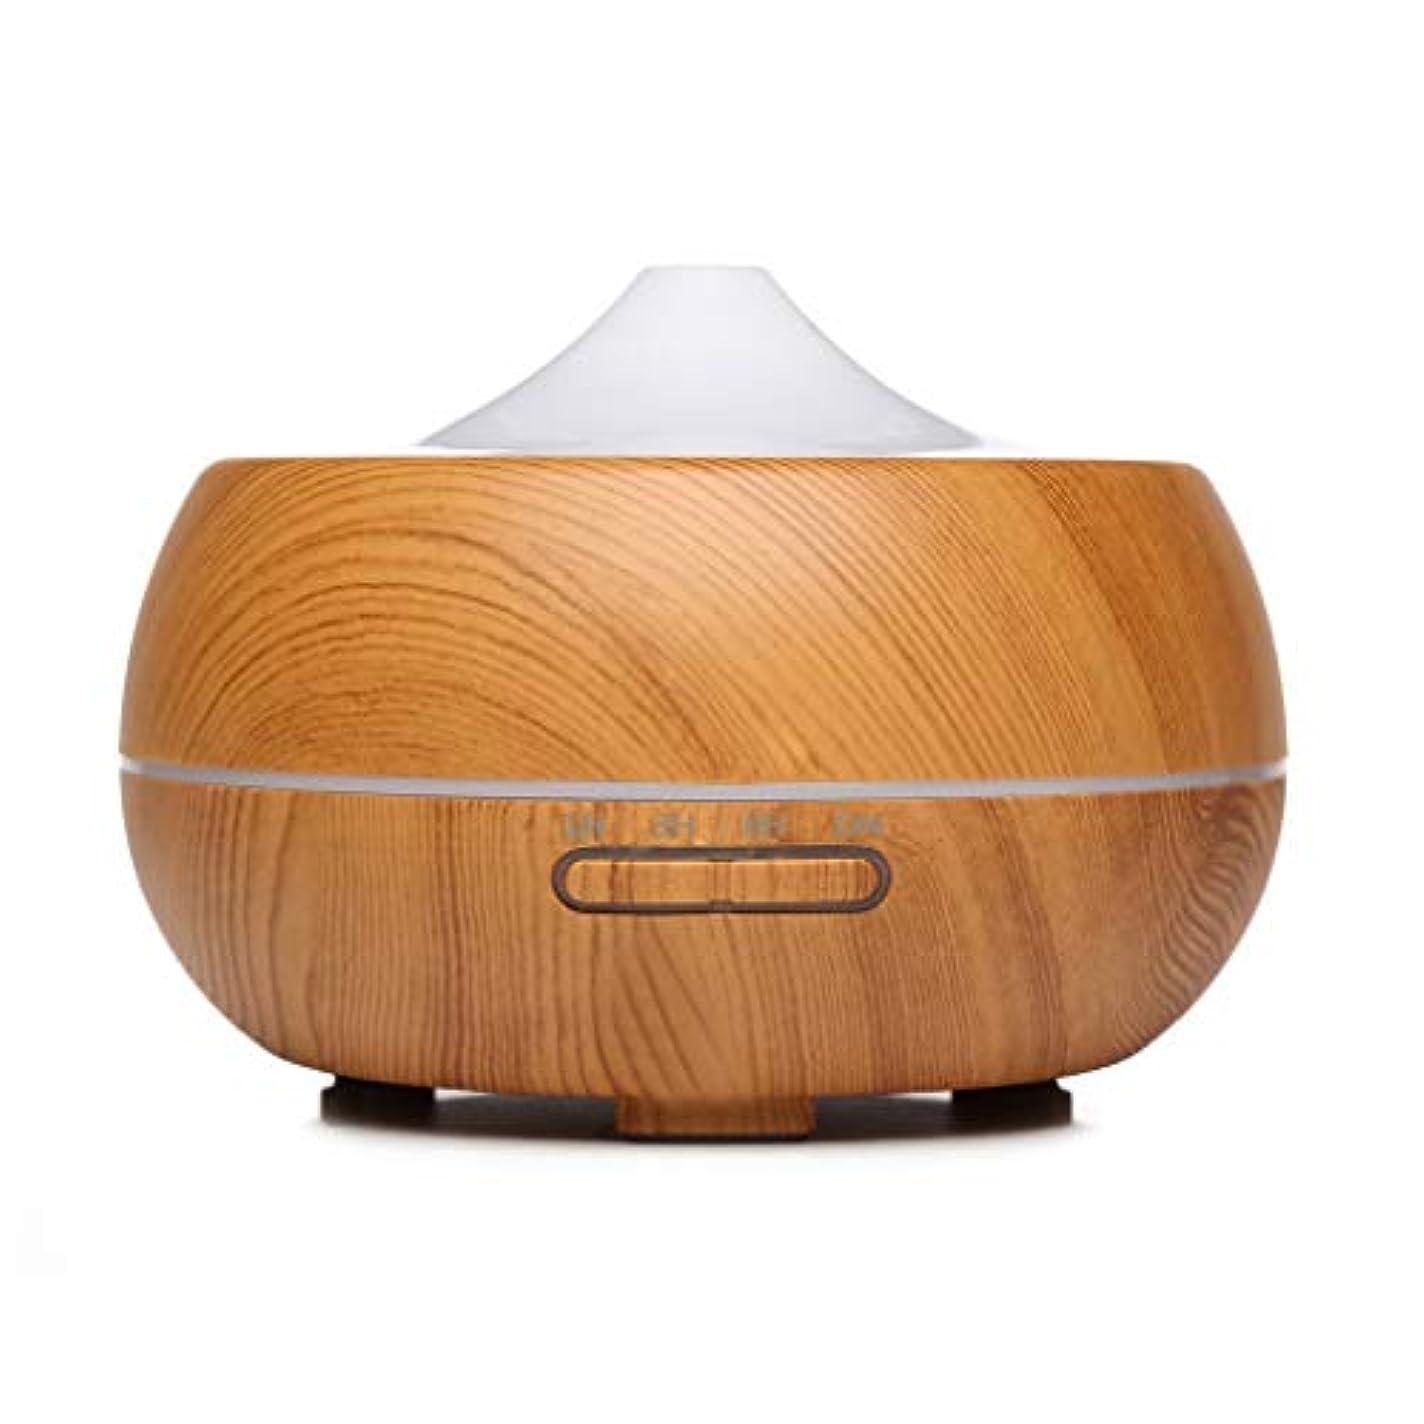 ゼロ不正感覚300ミリリットルクールミスト加湿器超音波不可欠ディフューザー用オフィスホームベッドルームリビングルーム研究ヨガスパ、木目 (Color : Light wood grain)